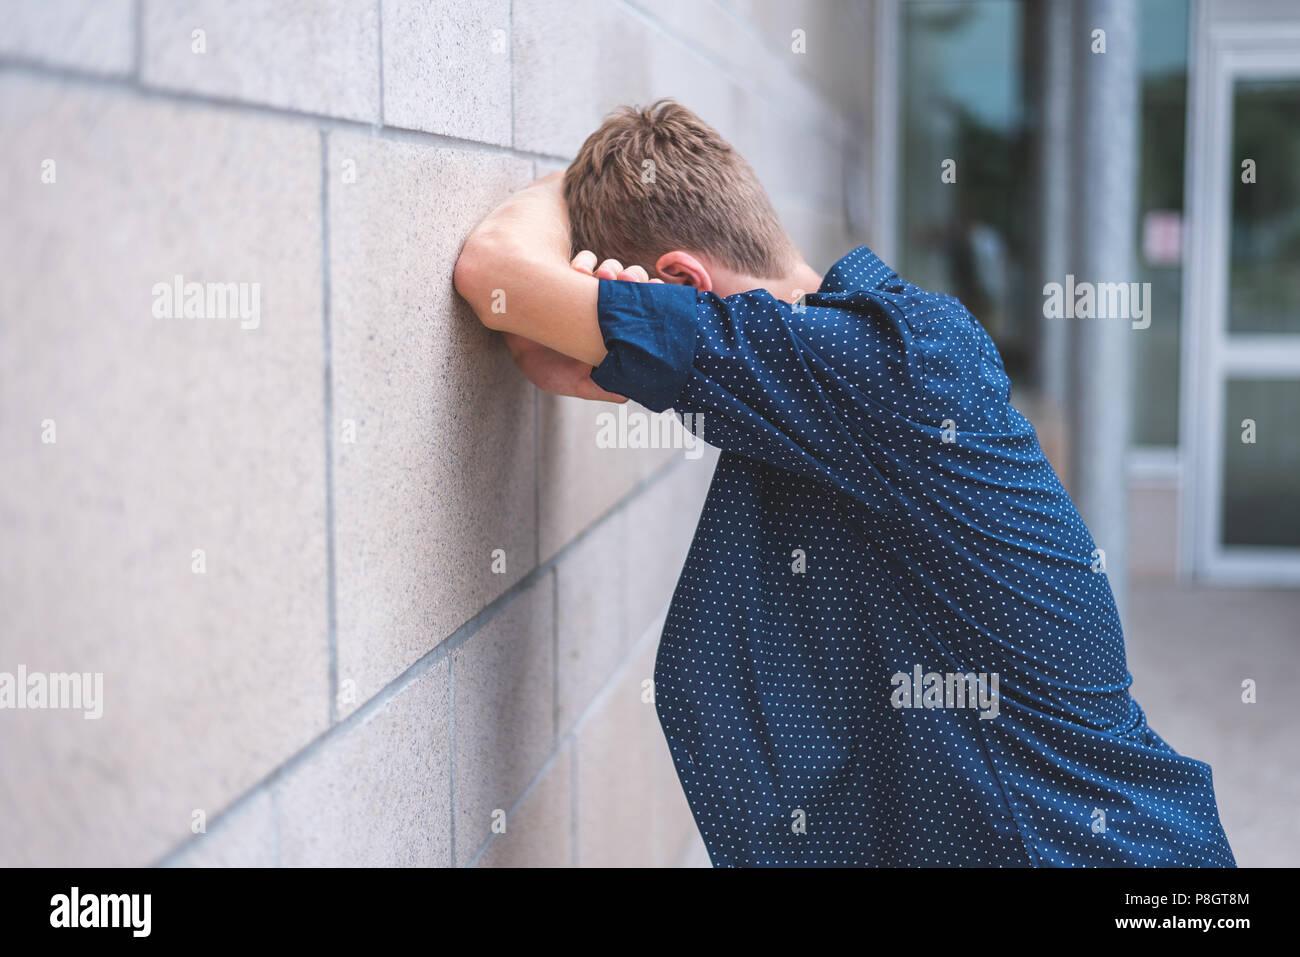 Jugendlich in gefalteten Armen gegen die Wand und schrie. Stockbild